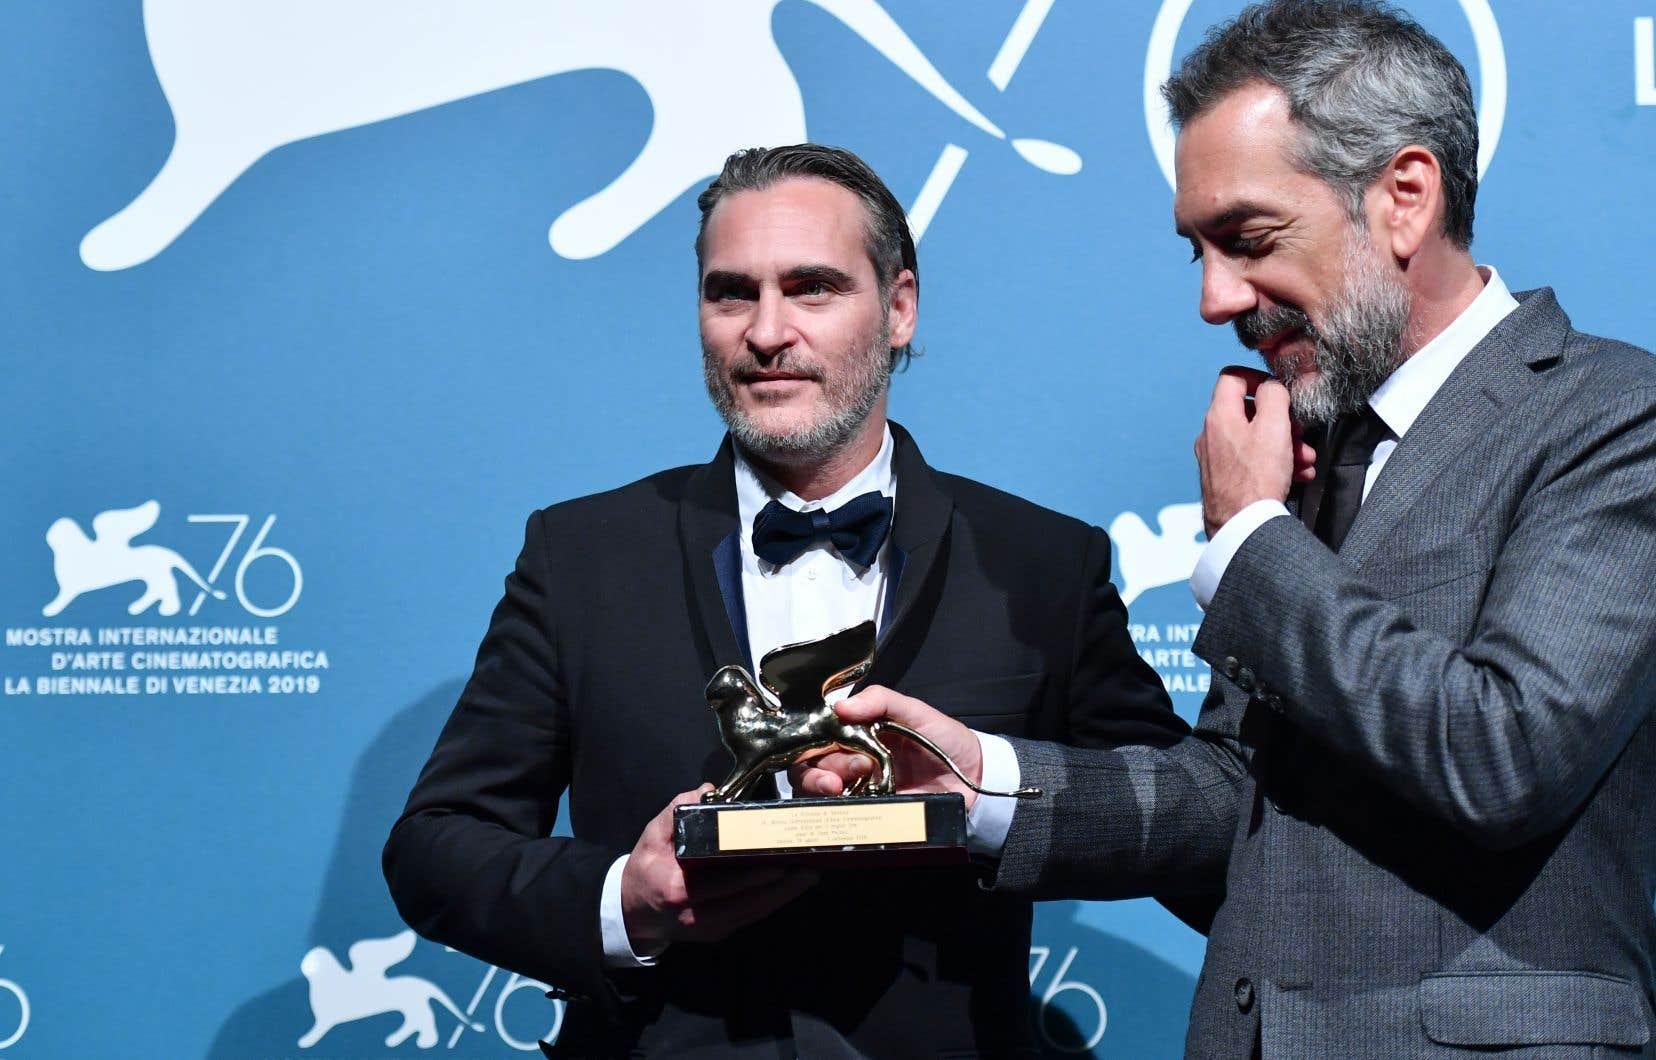 Le réalisateur du «Joker», Todd Phillips (à droite), etl'acteur Joaquin Phoenix (à gauche) incarnant le personnage du Joker.